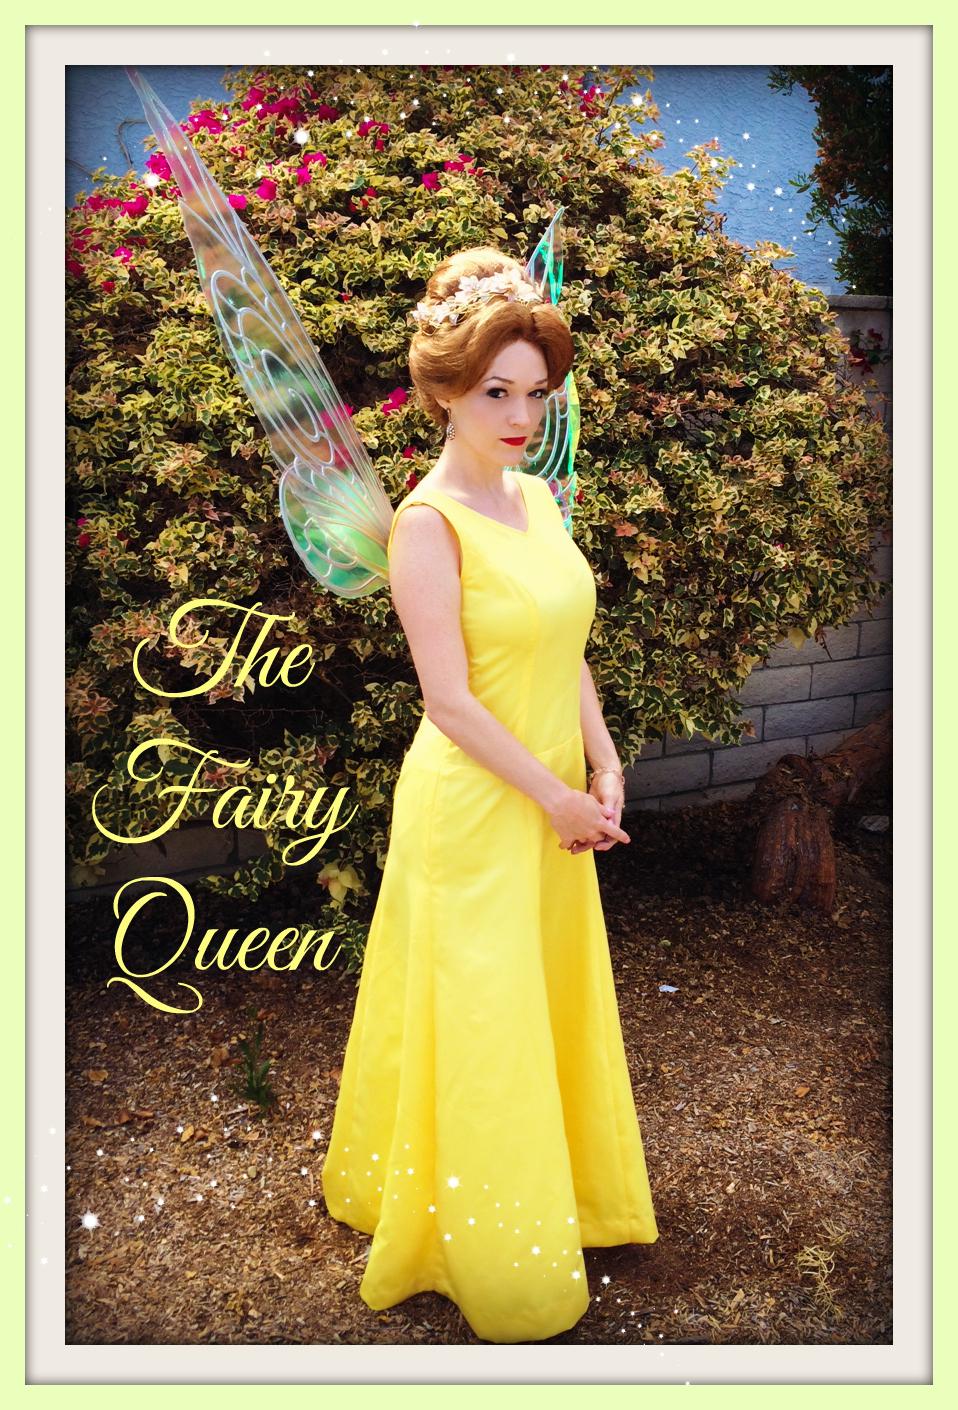 FairyQueen.jpg